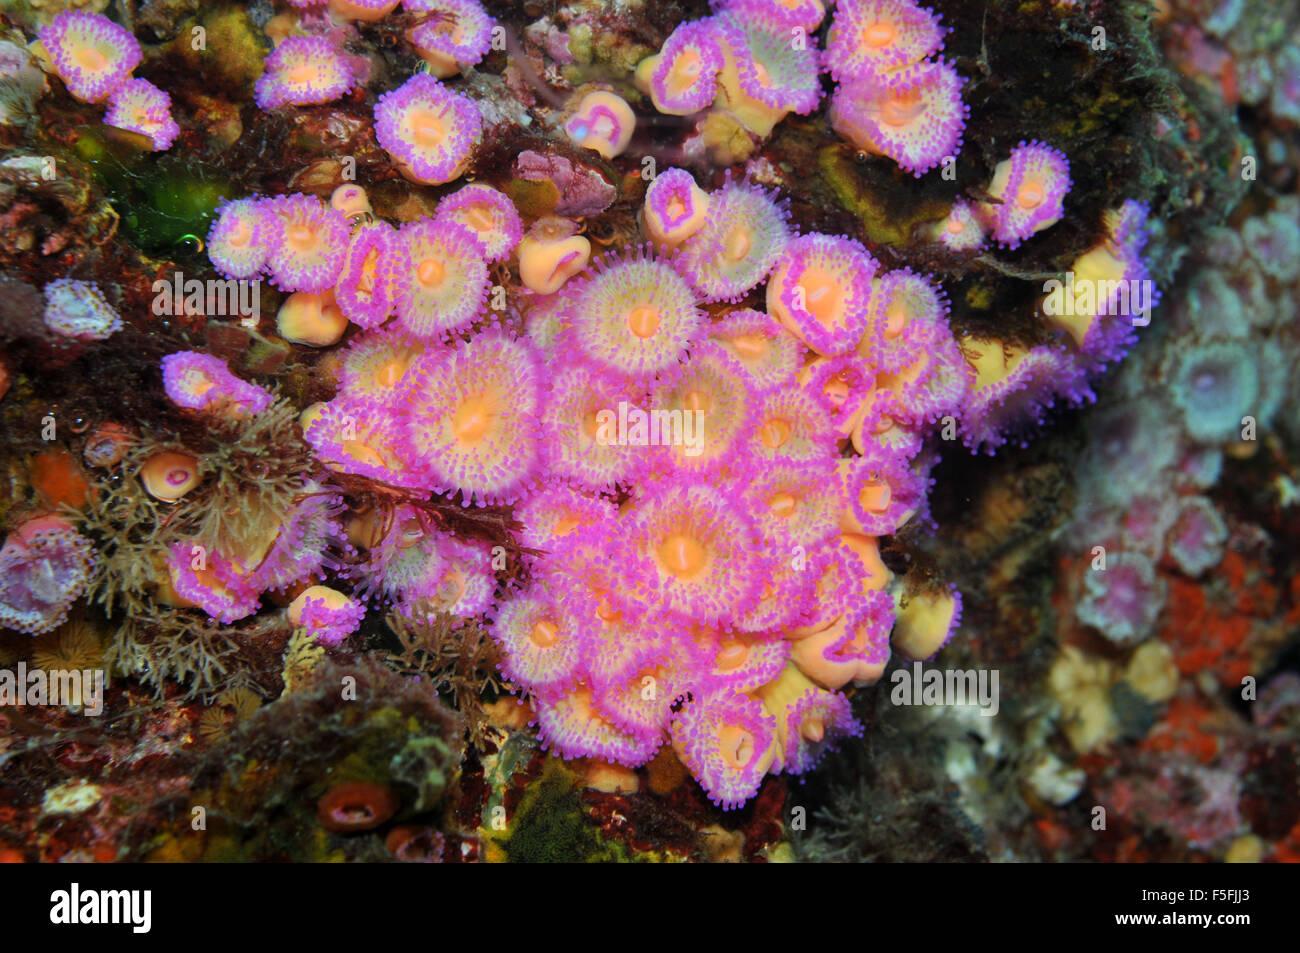 Anthozoans Jewel anemones, Corynactis viridis, Poor Knights Islands Nature Reserve, Bay of Islands, New Zealand Stock Photo